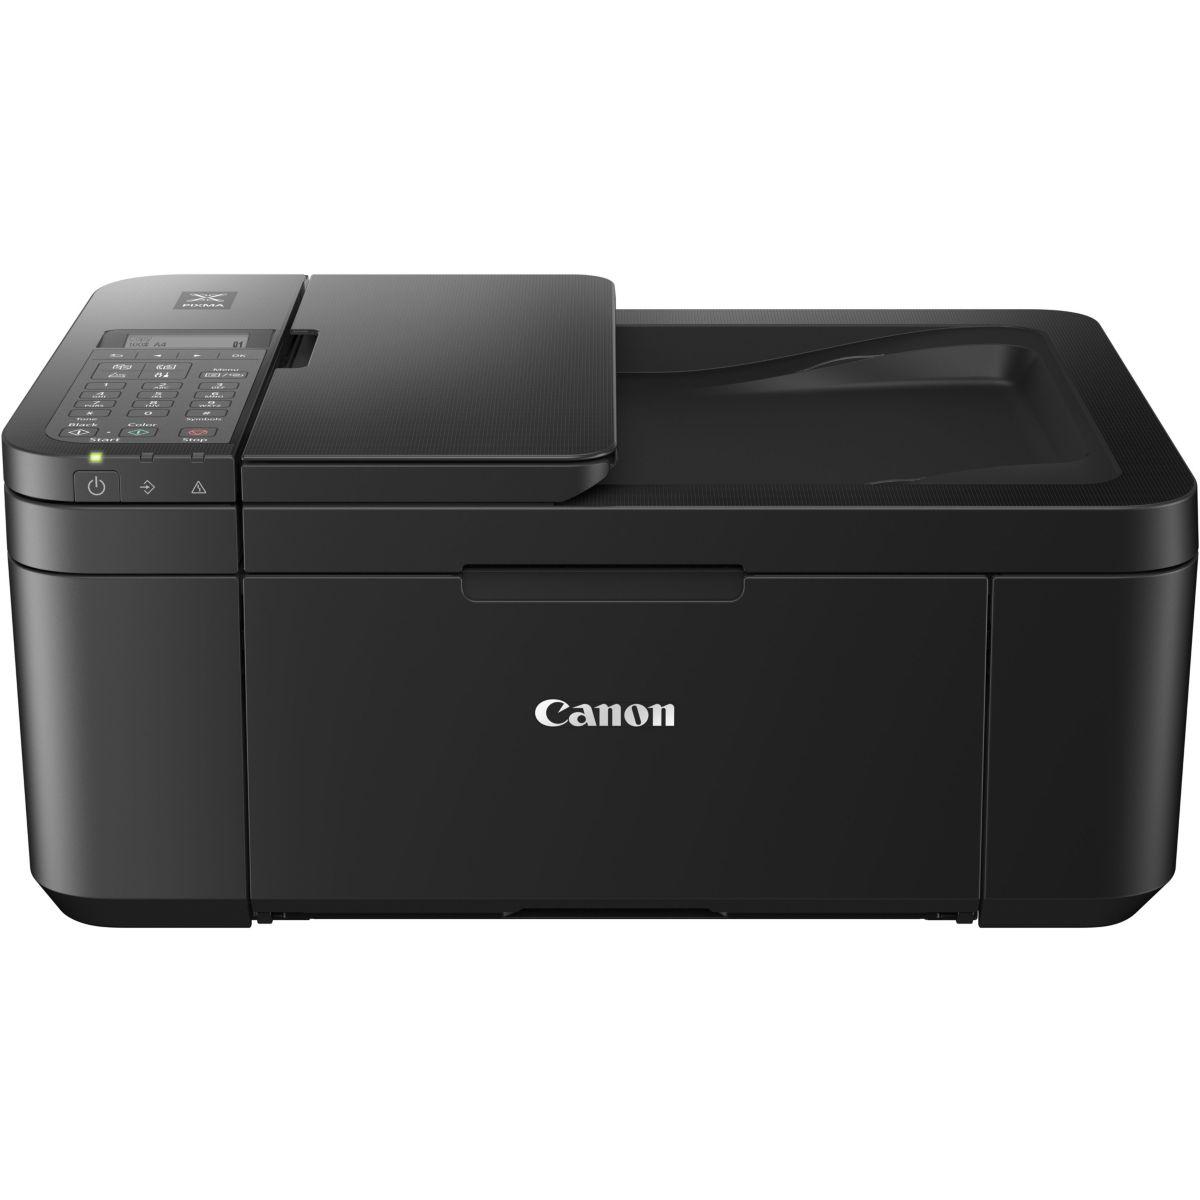 Imprimante jet d'encre CANON TR 4550 noir (photo)